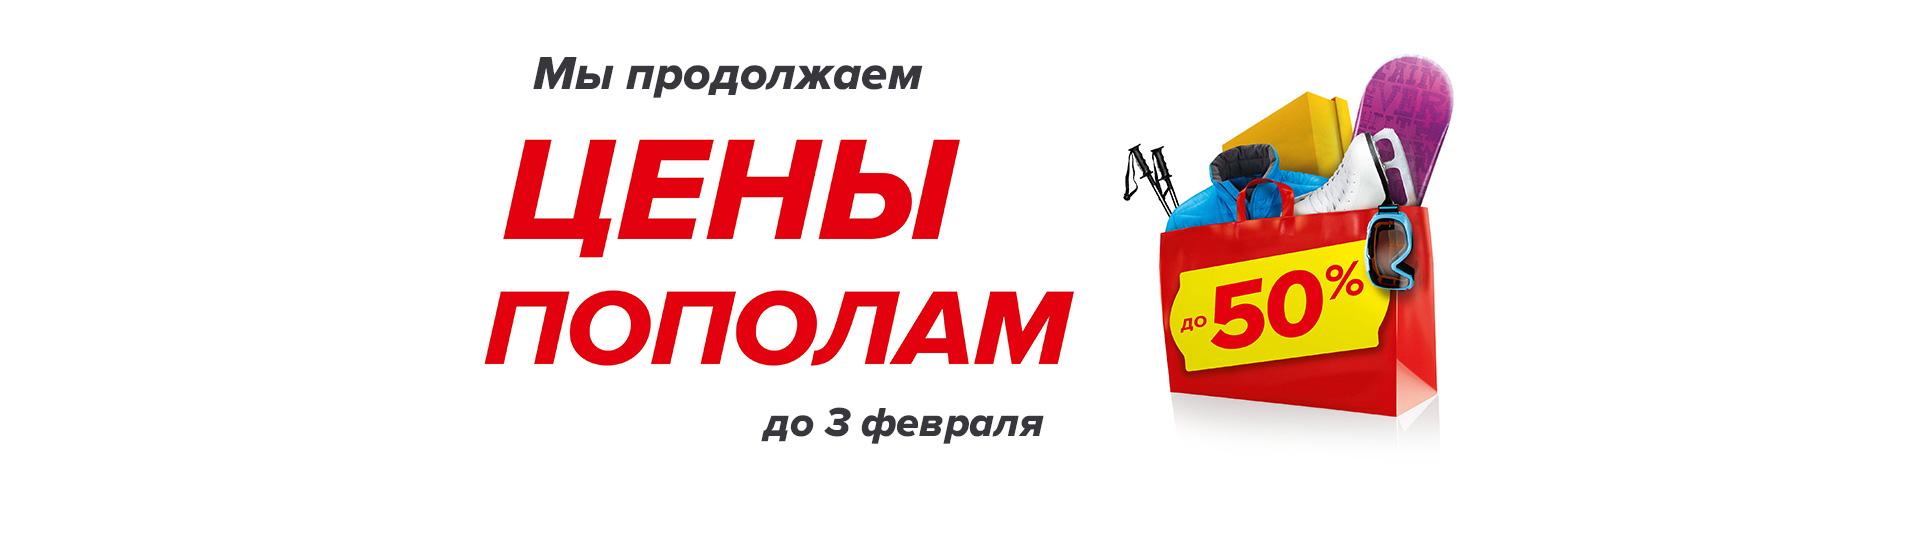 f0635d1fab4f Спортмастер - сеть спортивных магазинов.